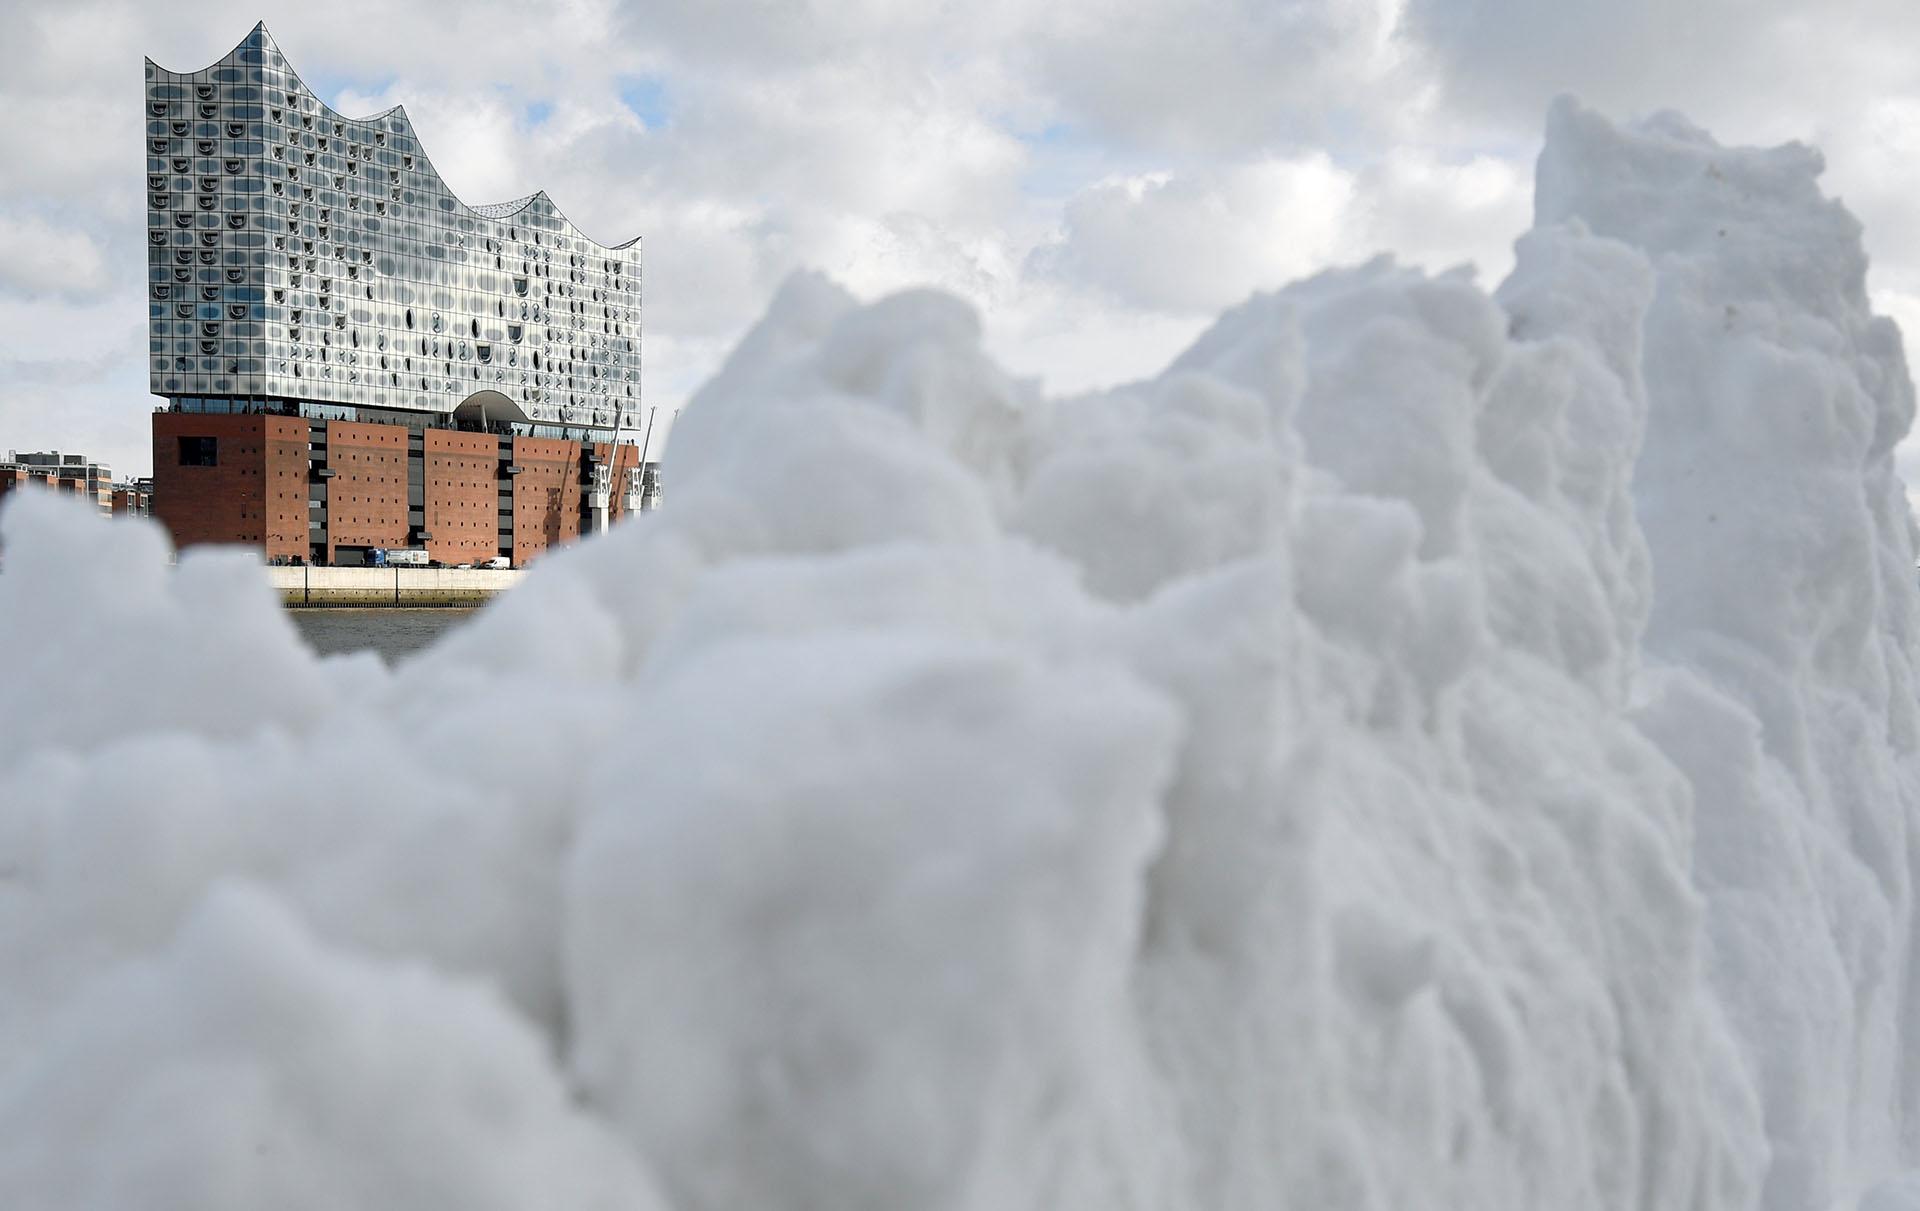 La filarmónica de Hamburgo, en Alemania